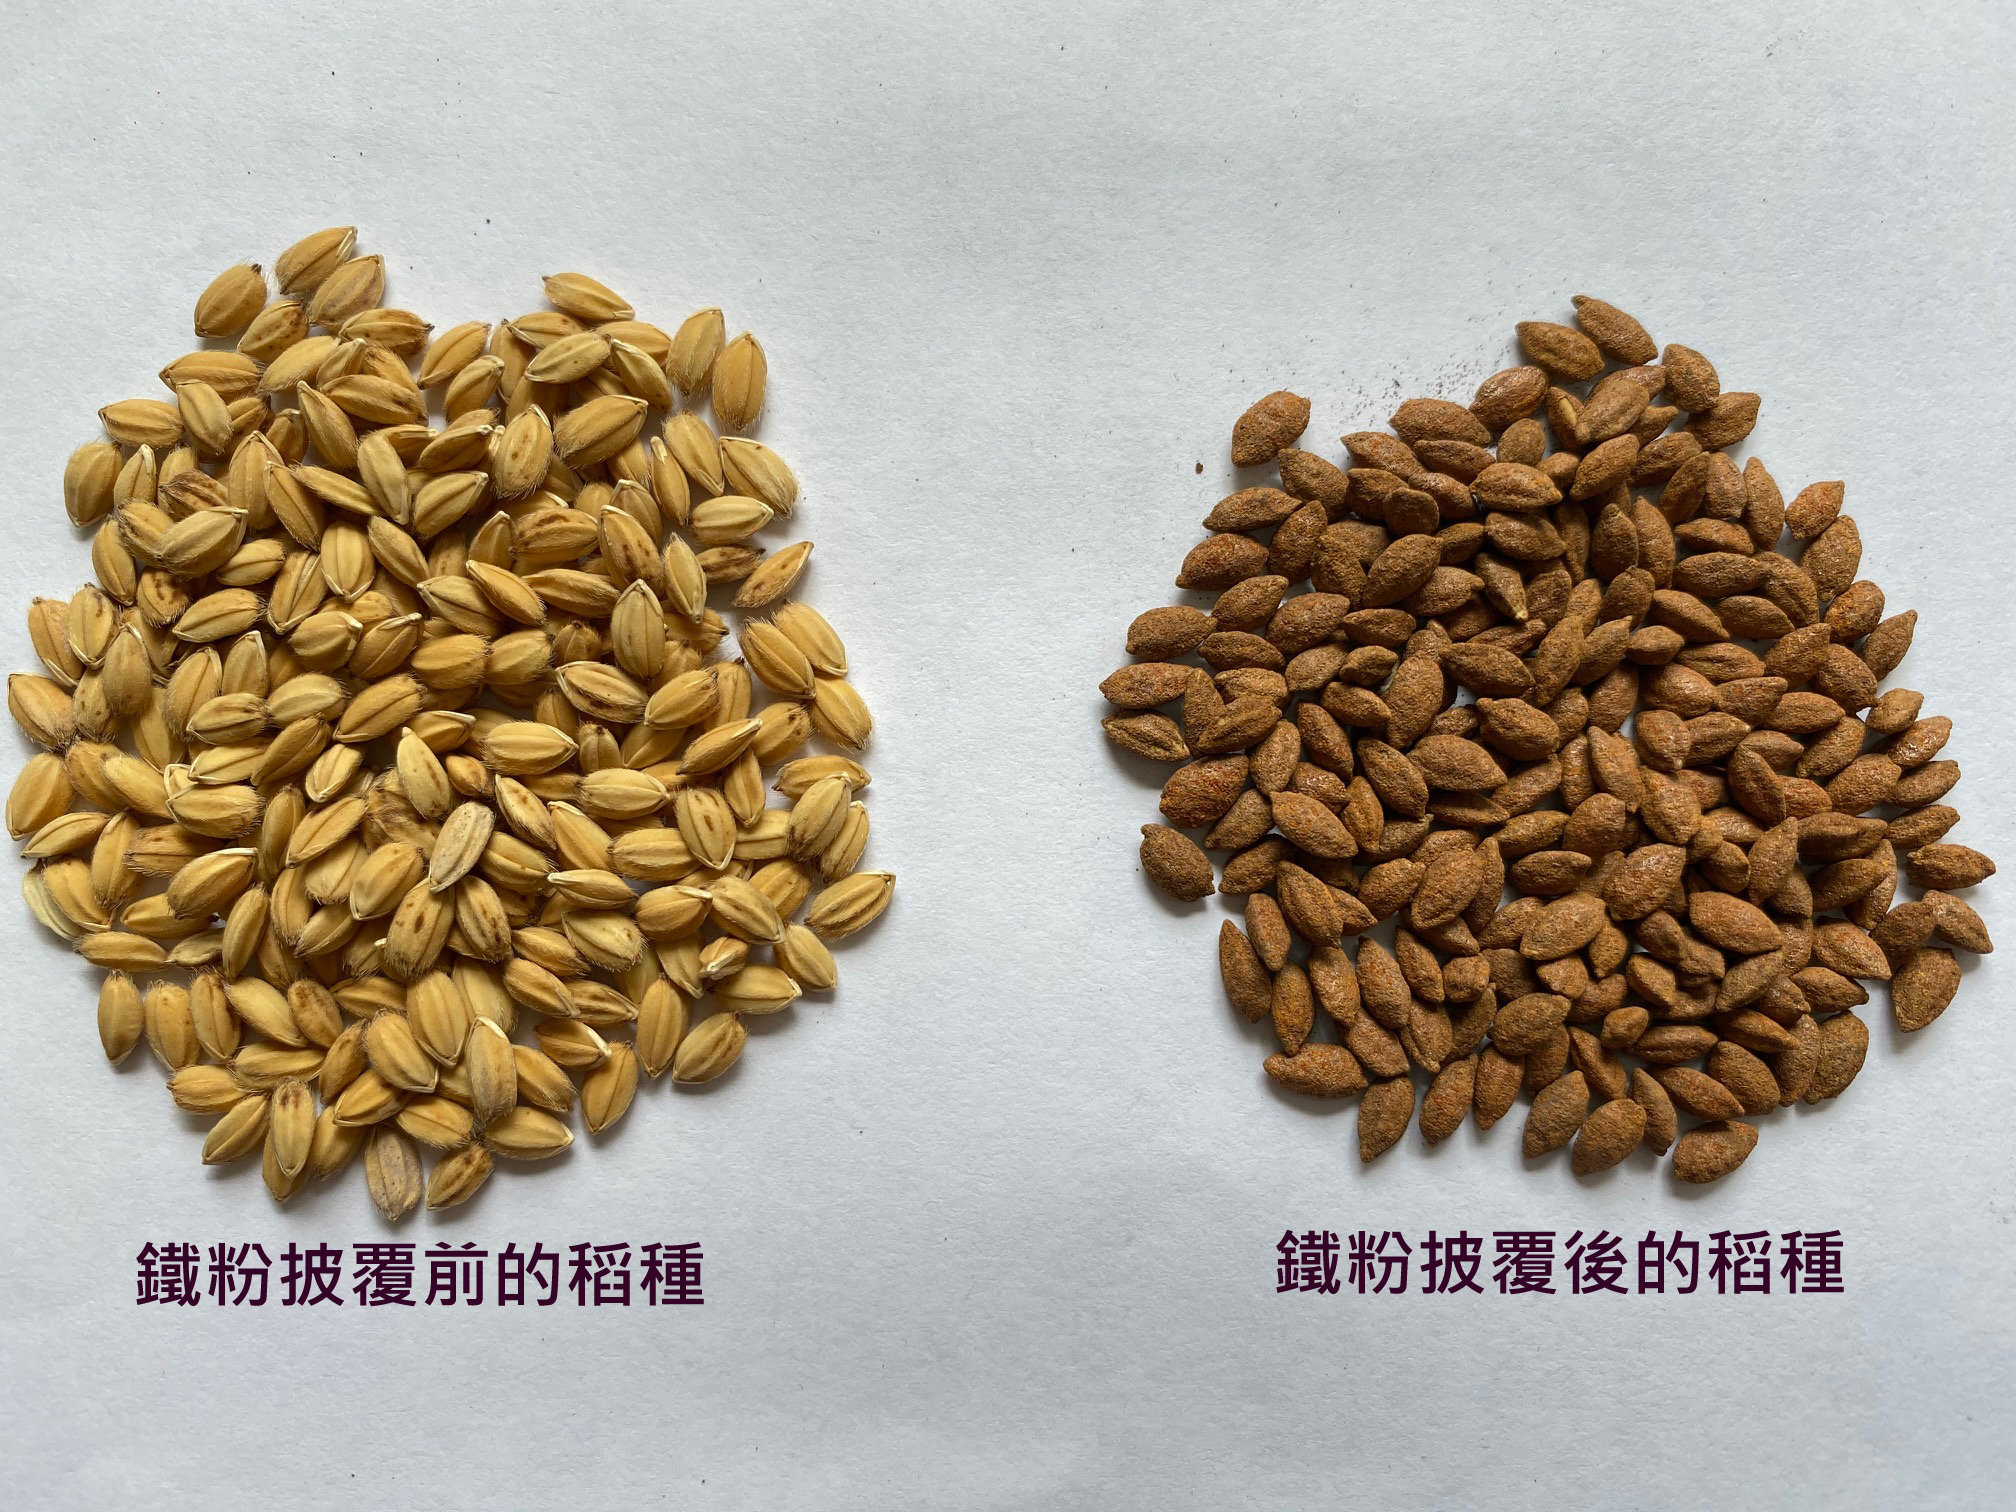 「稻種披覆鐵粉直播技術」可以減少稻種被鳥類啄食機會及解決稻農浮苗問題